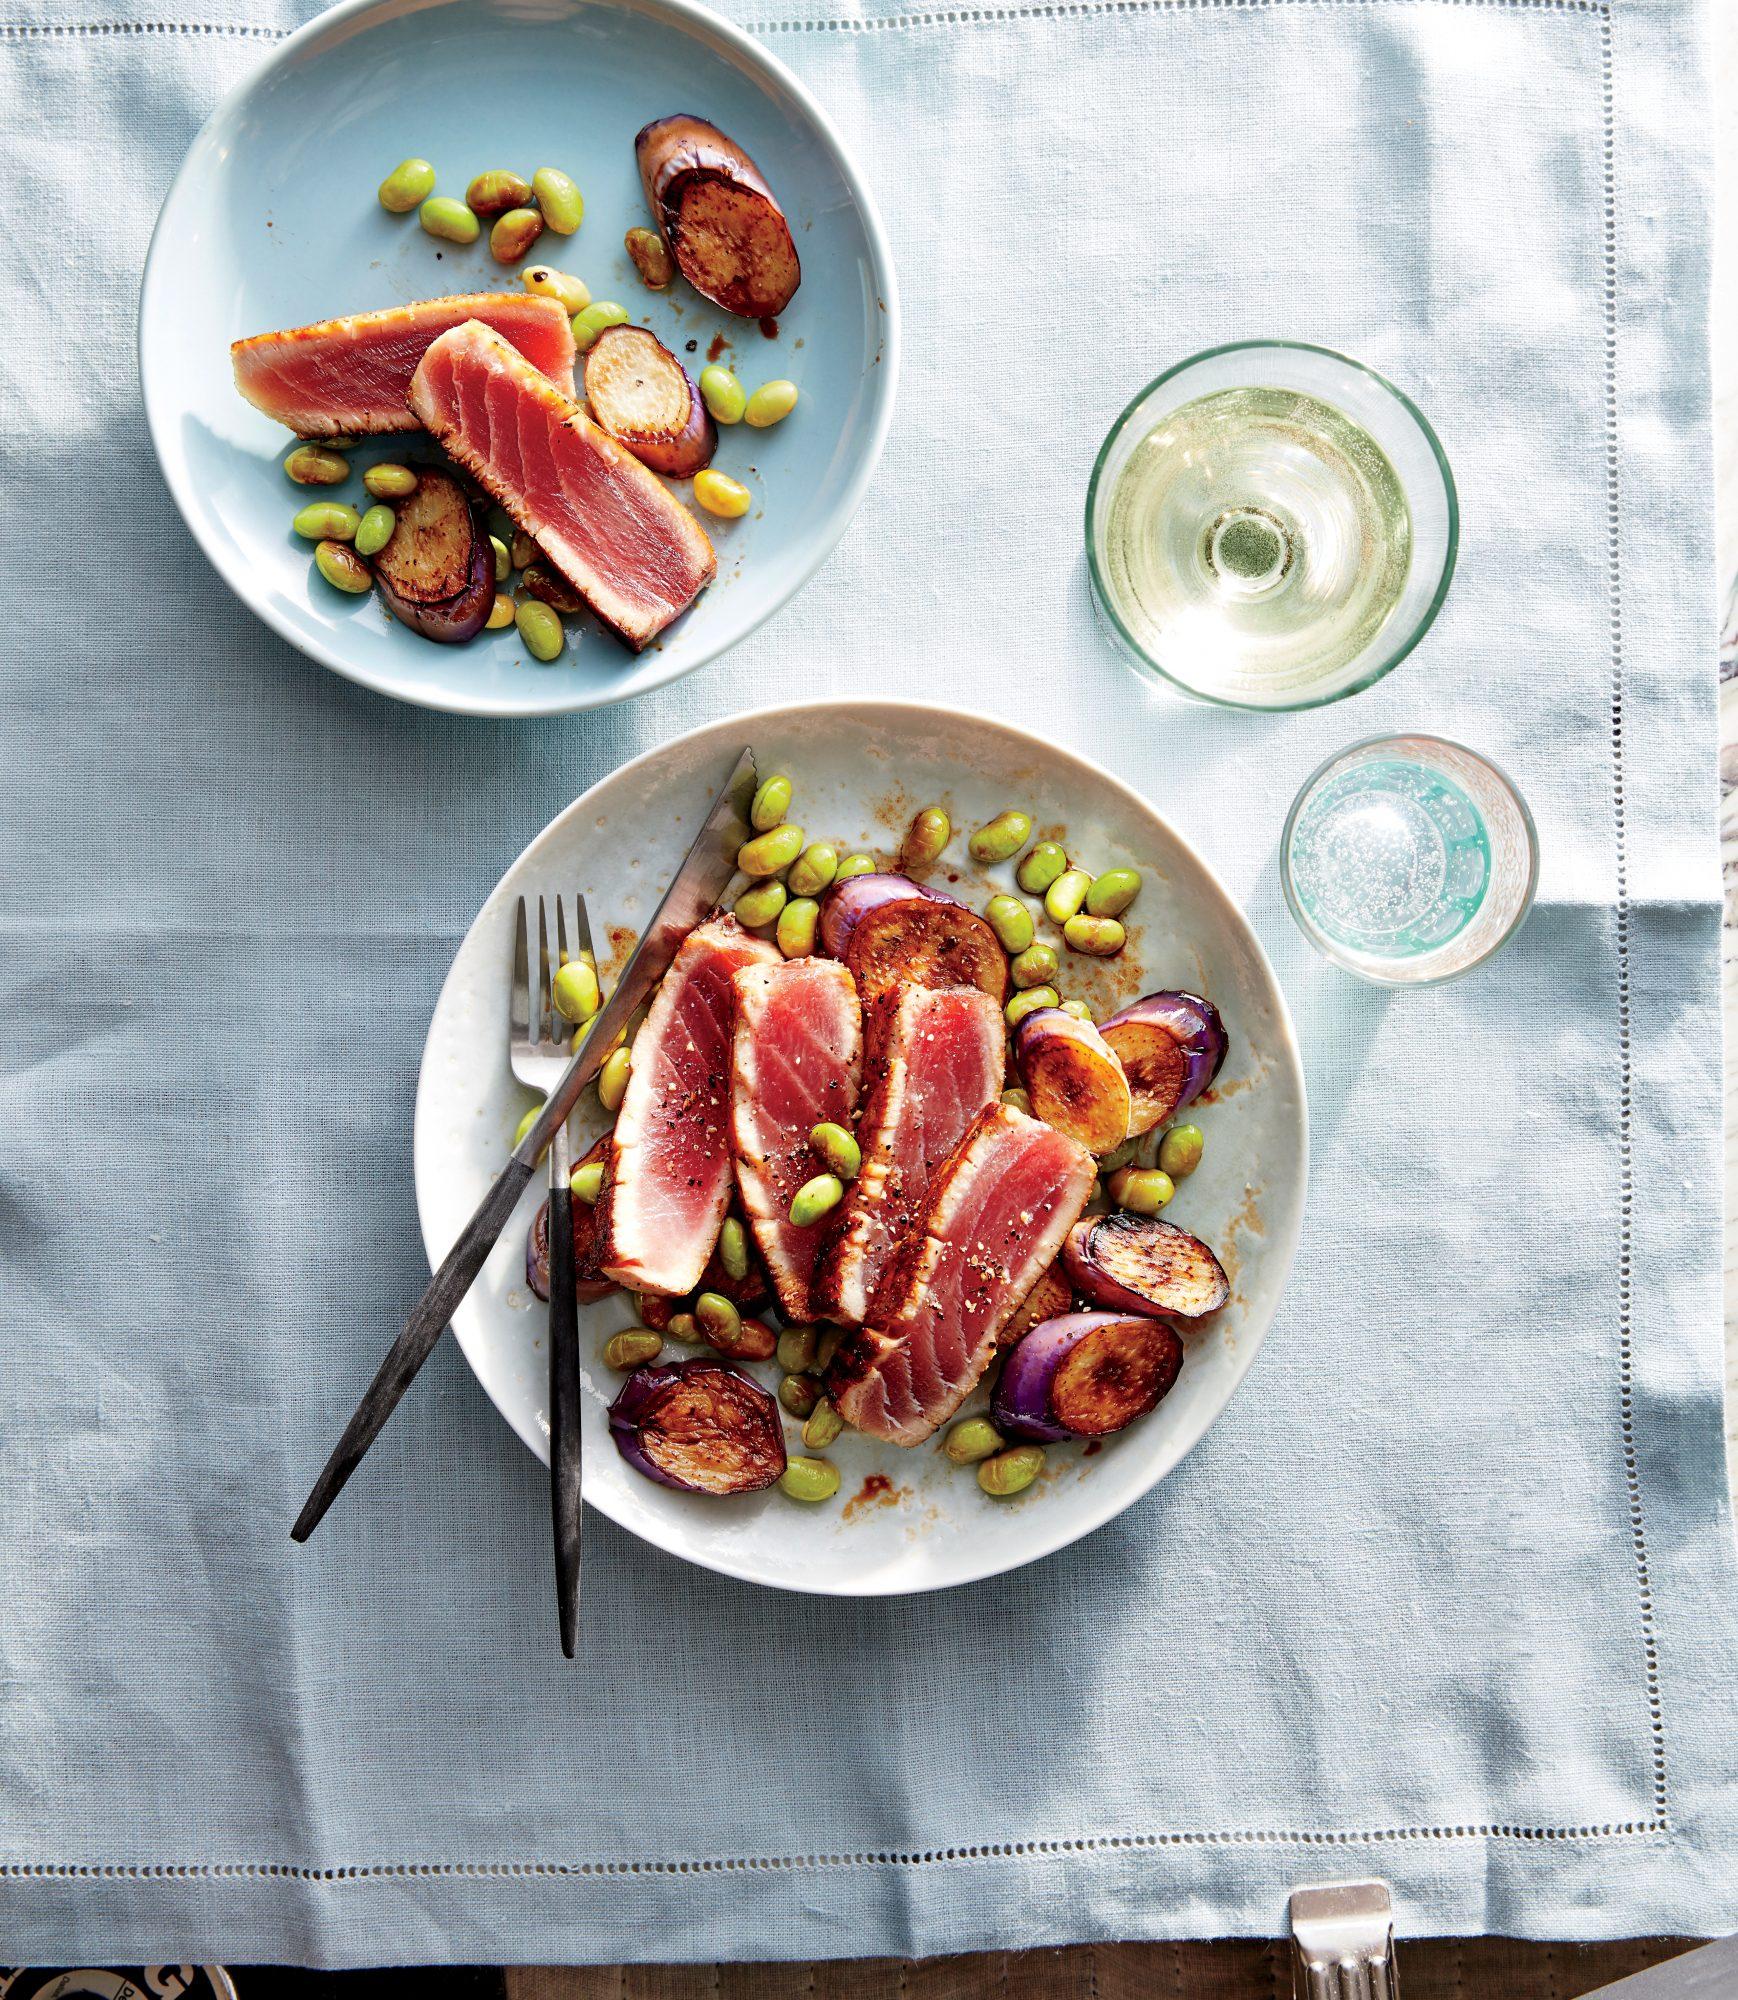 Seared Tuna with Eggplant and Edamame